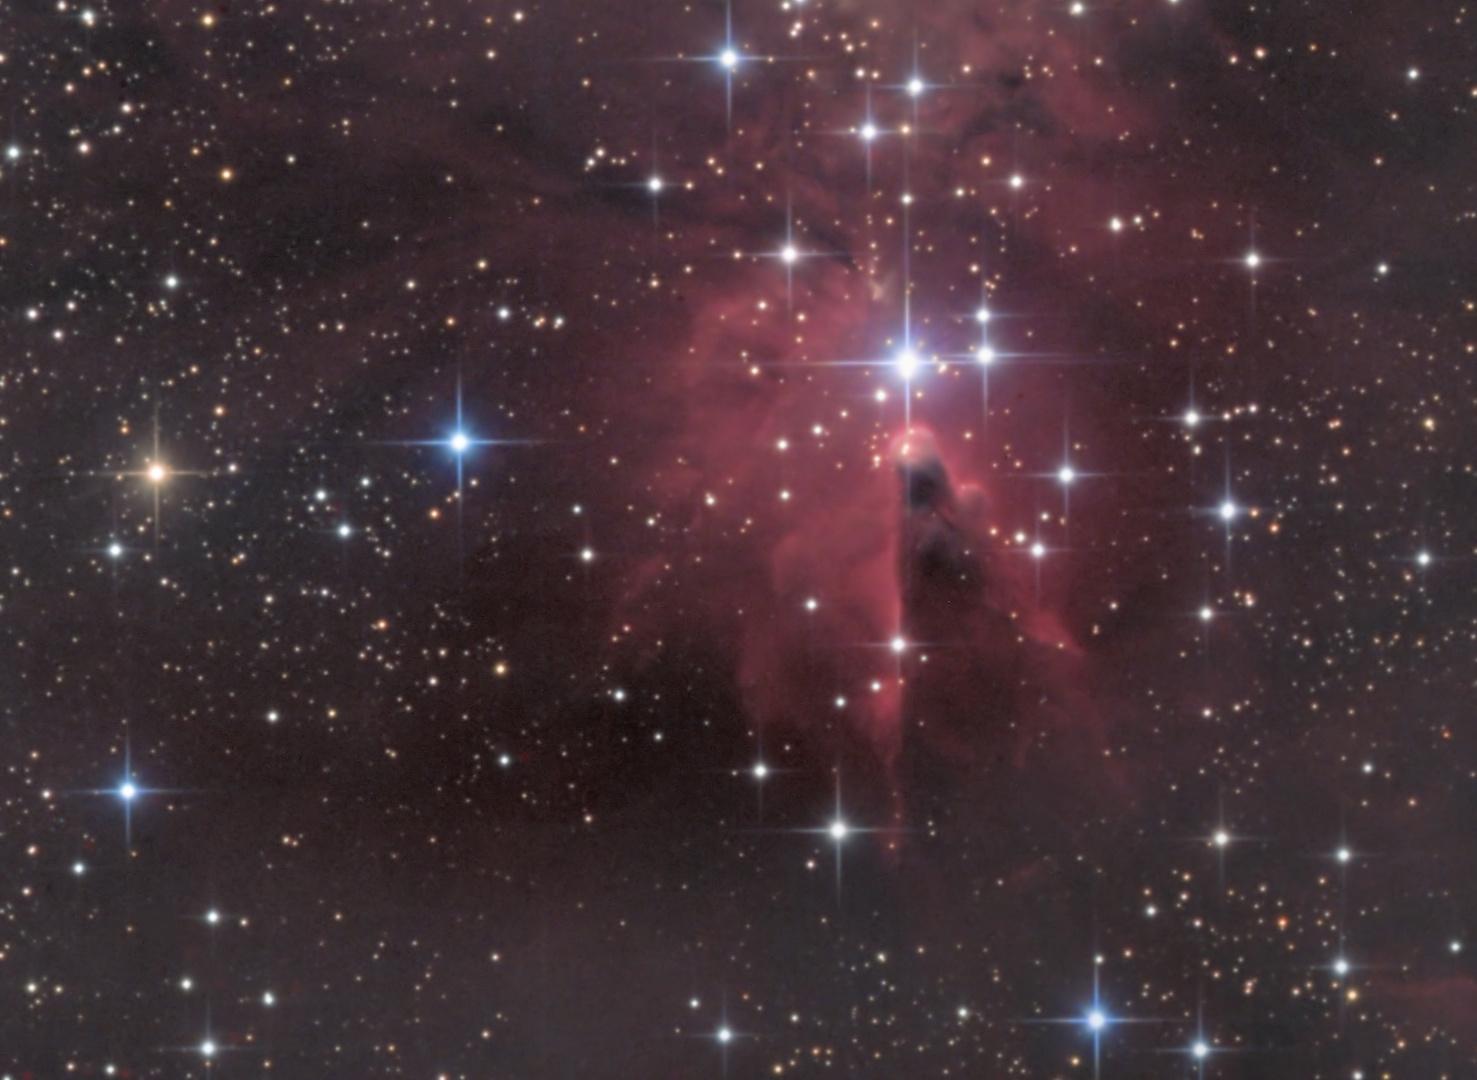 Der Konusnebel im Sternbild Einhorn